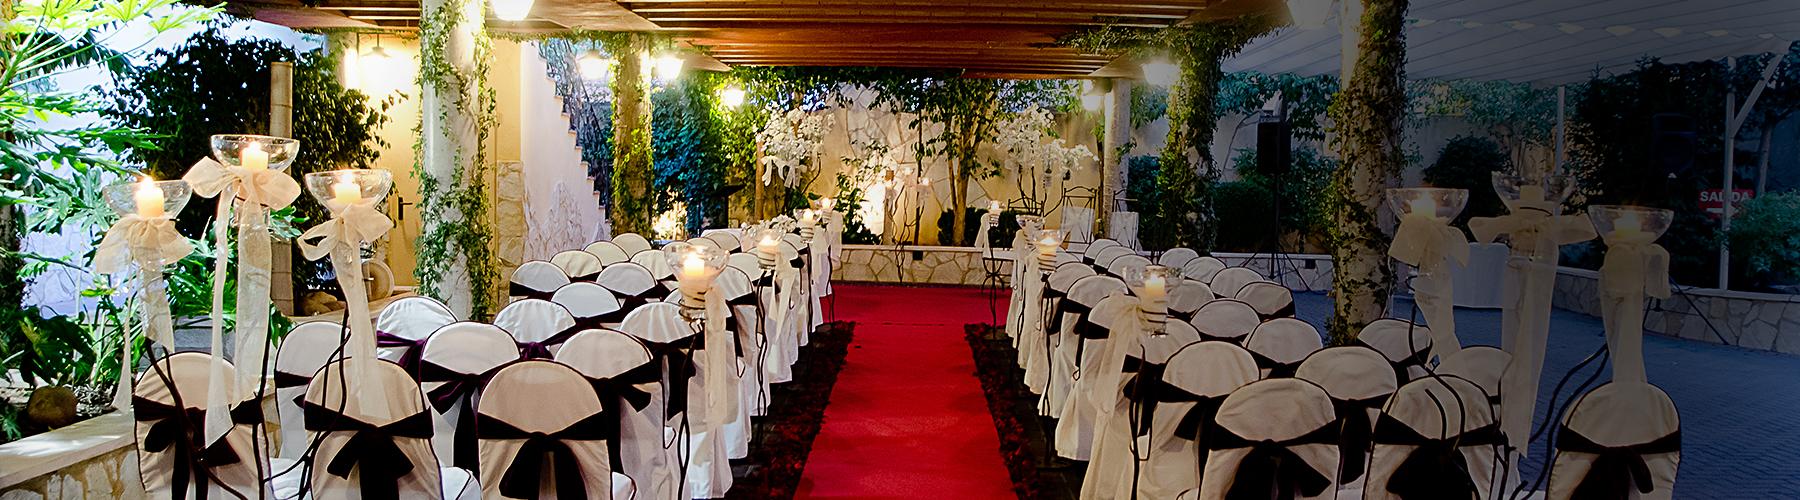 cabecera-boda2-casaquiquet